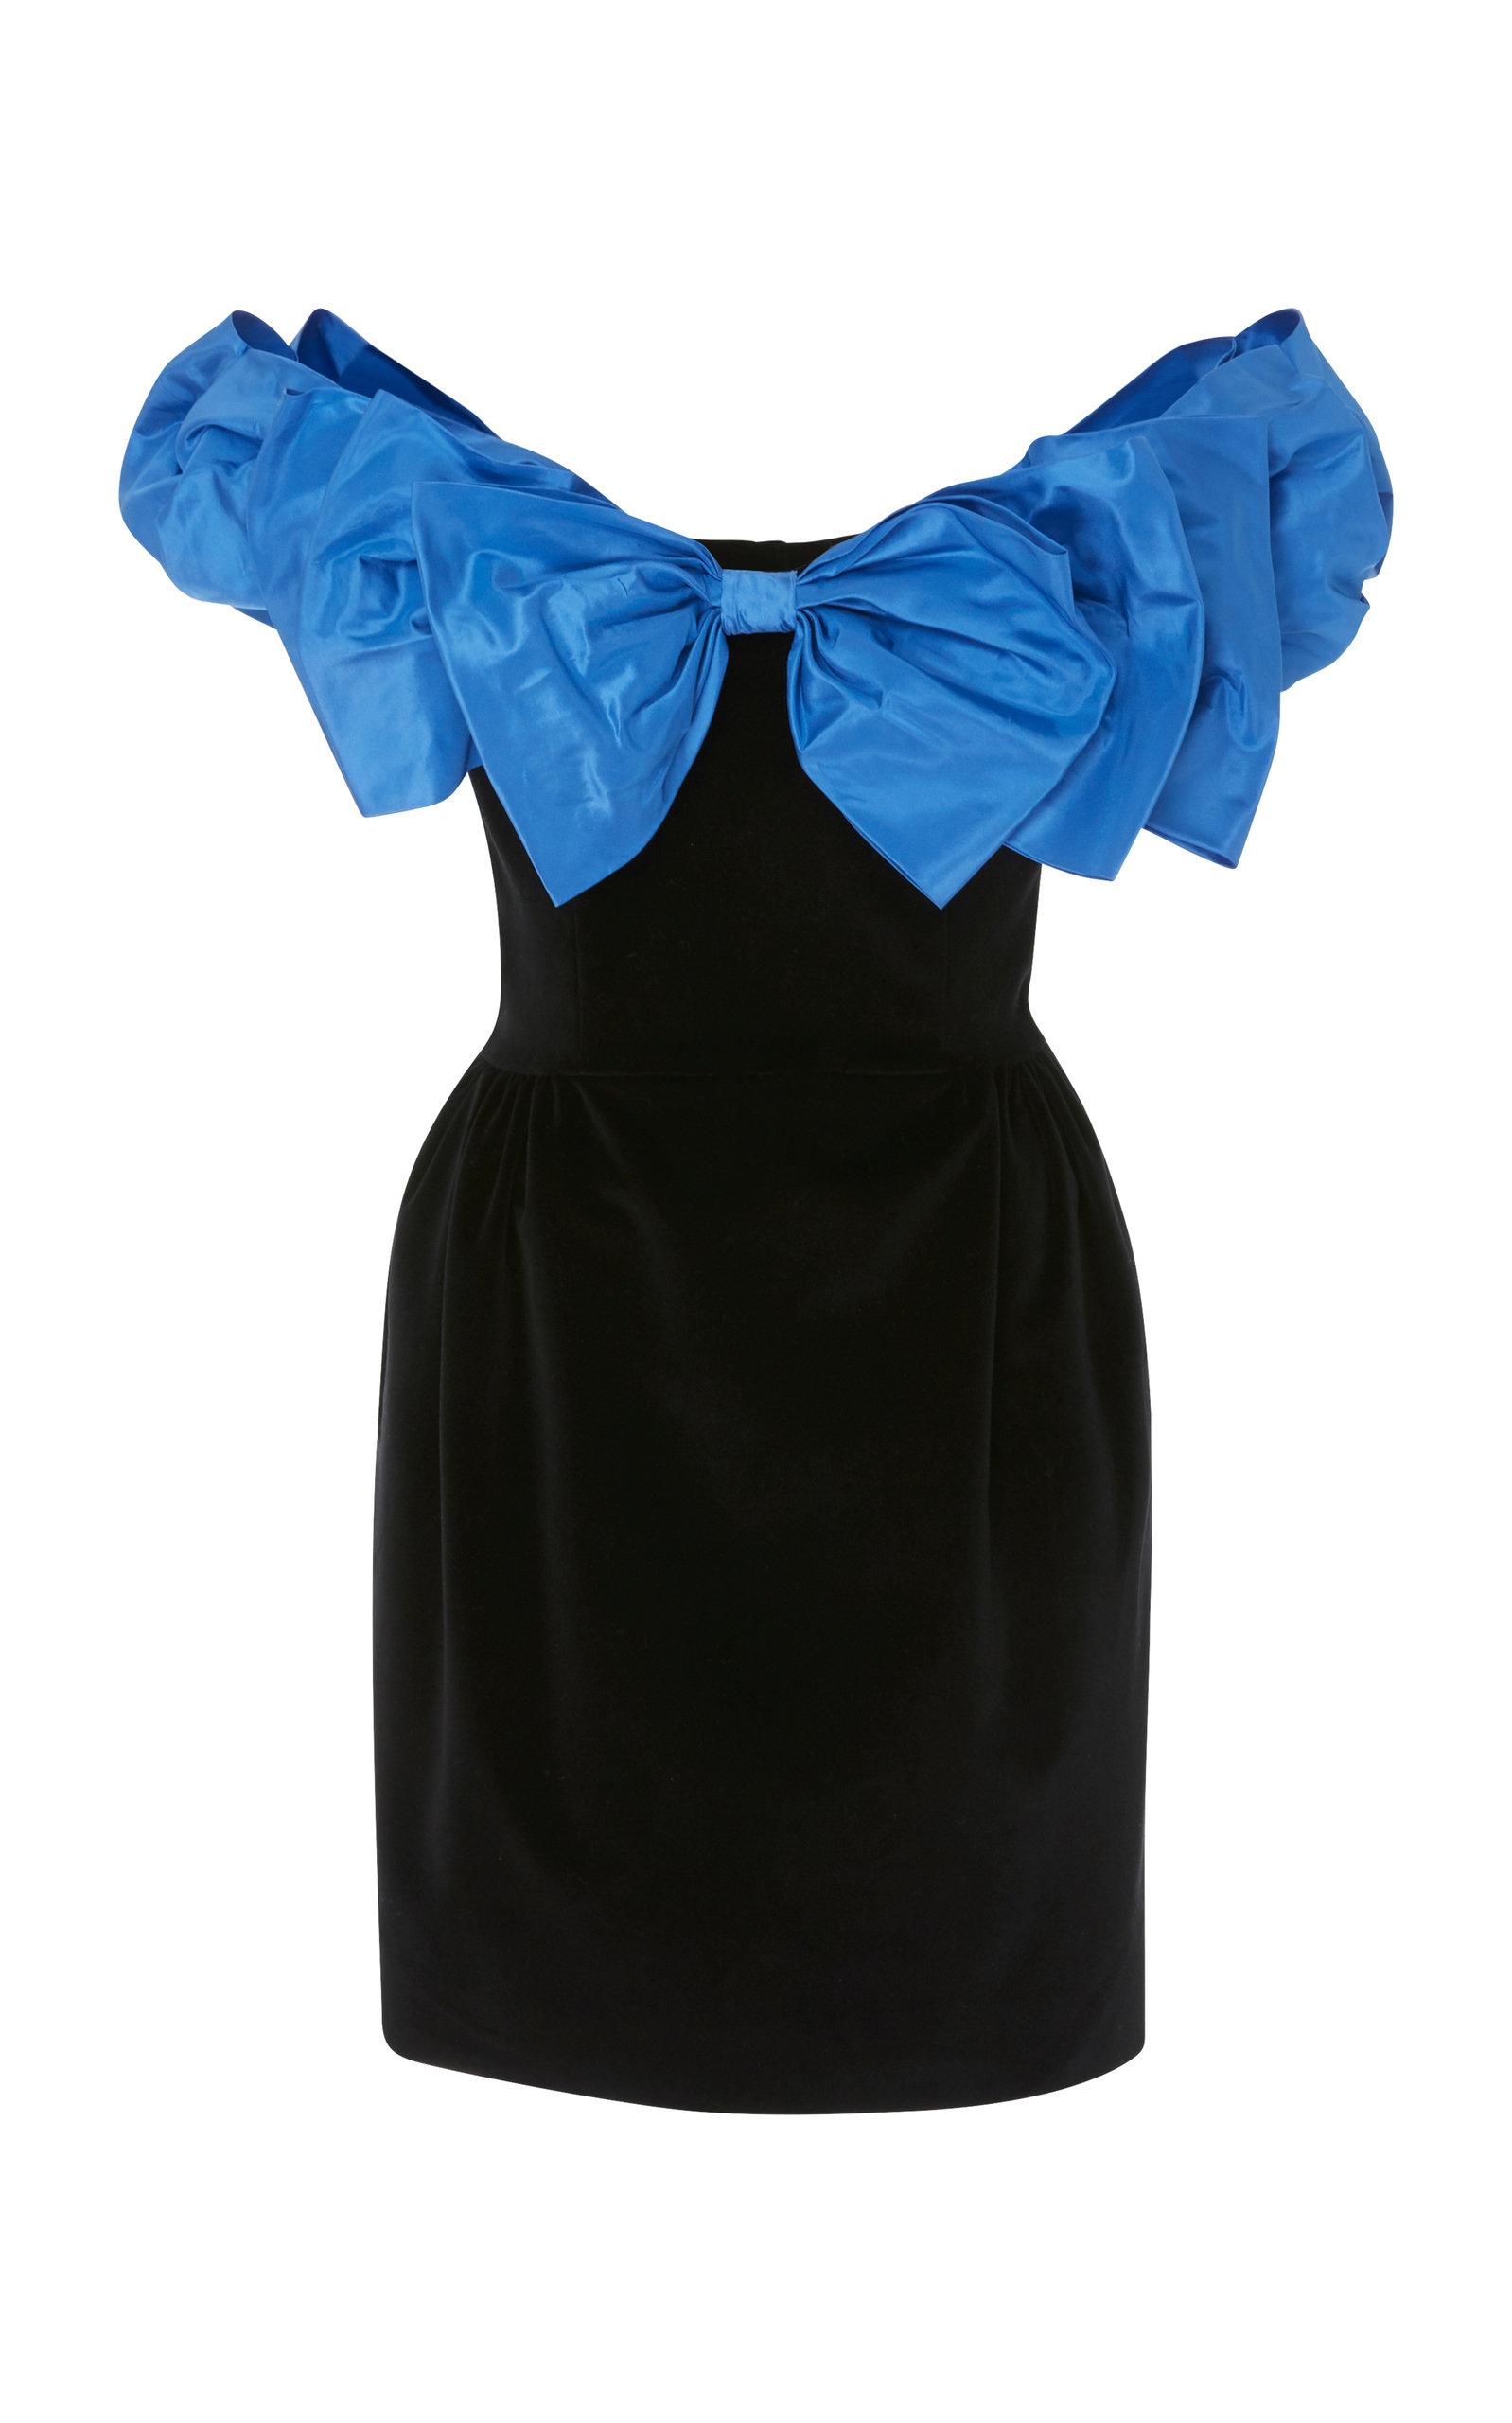 ISA ARFEN Bow-Detailed Taffeta And Velvet Mini Dress in Black Blue